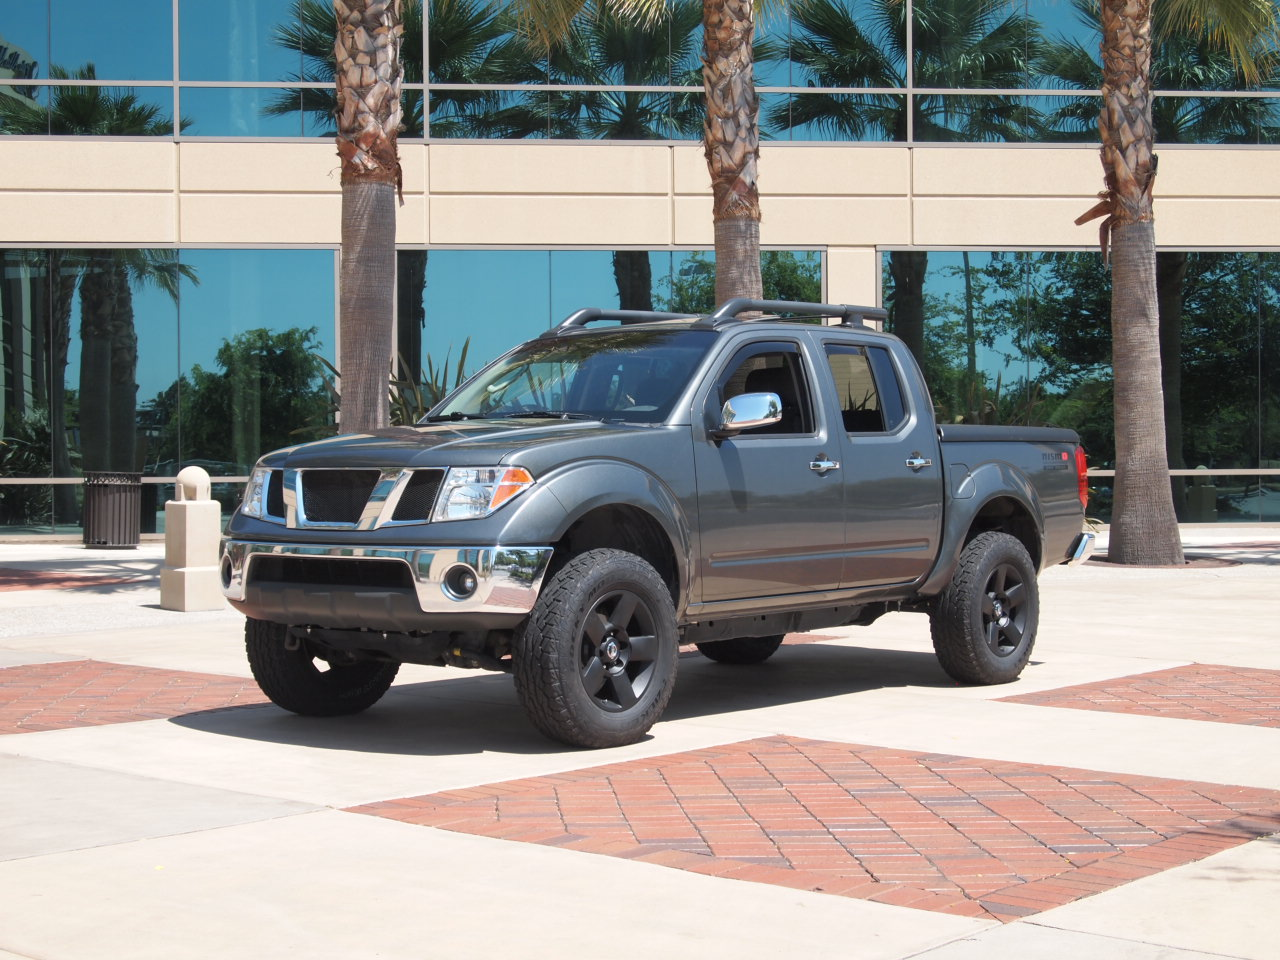 Nissan Titan Wheel Spacers 6x5 5 1 Inch 6 Runwheel Qx4 Offroad New G Spacer Pics Frontier Forum